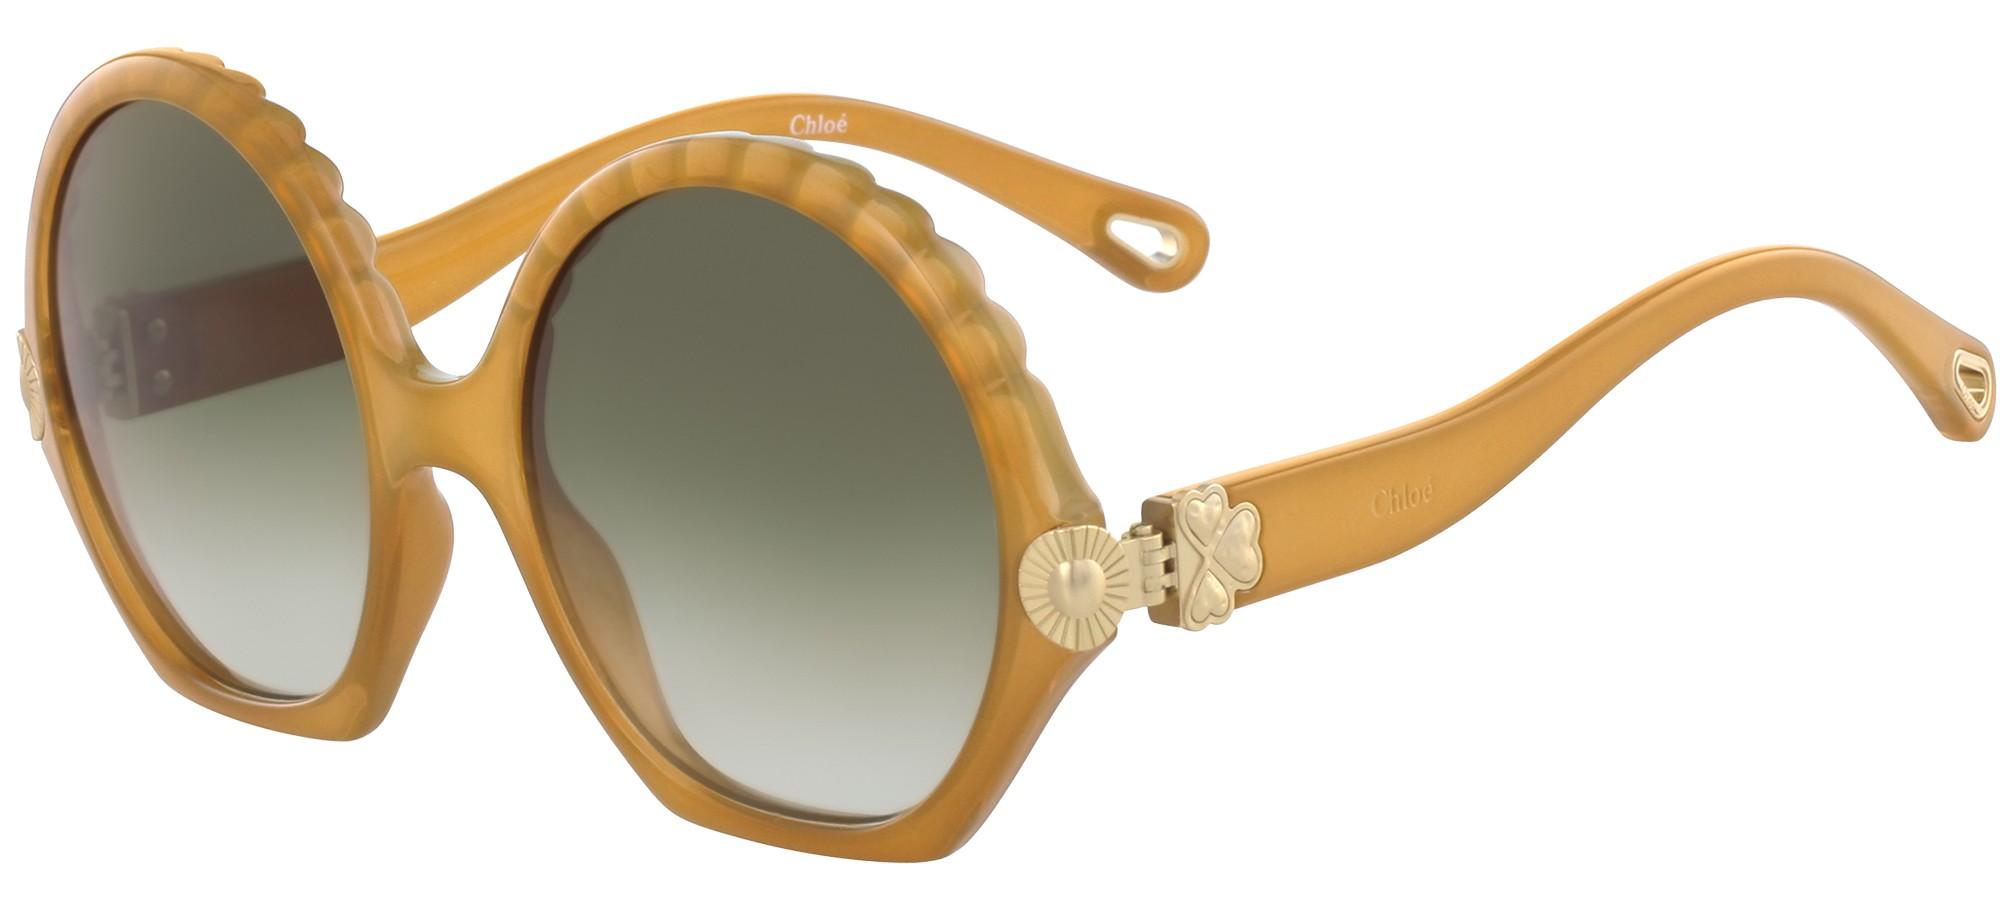 Chloé solbriller VERA CE745S